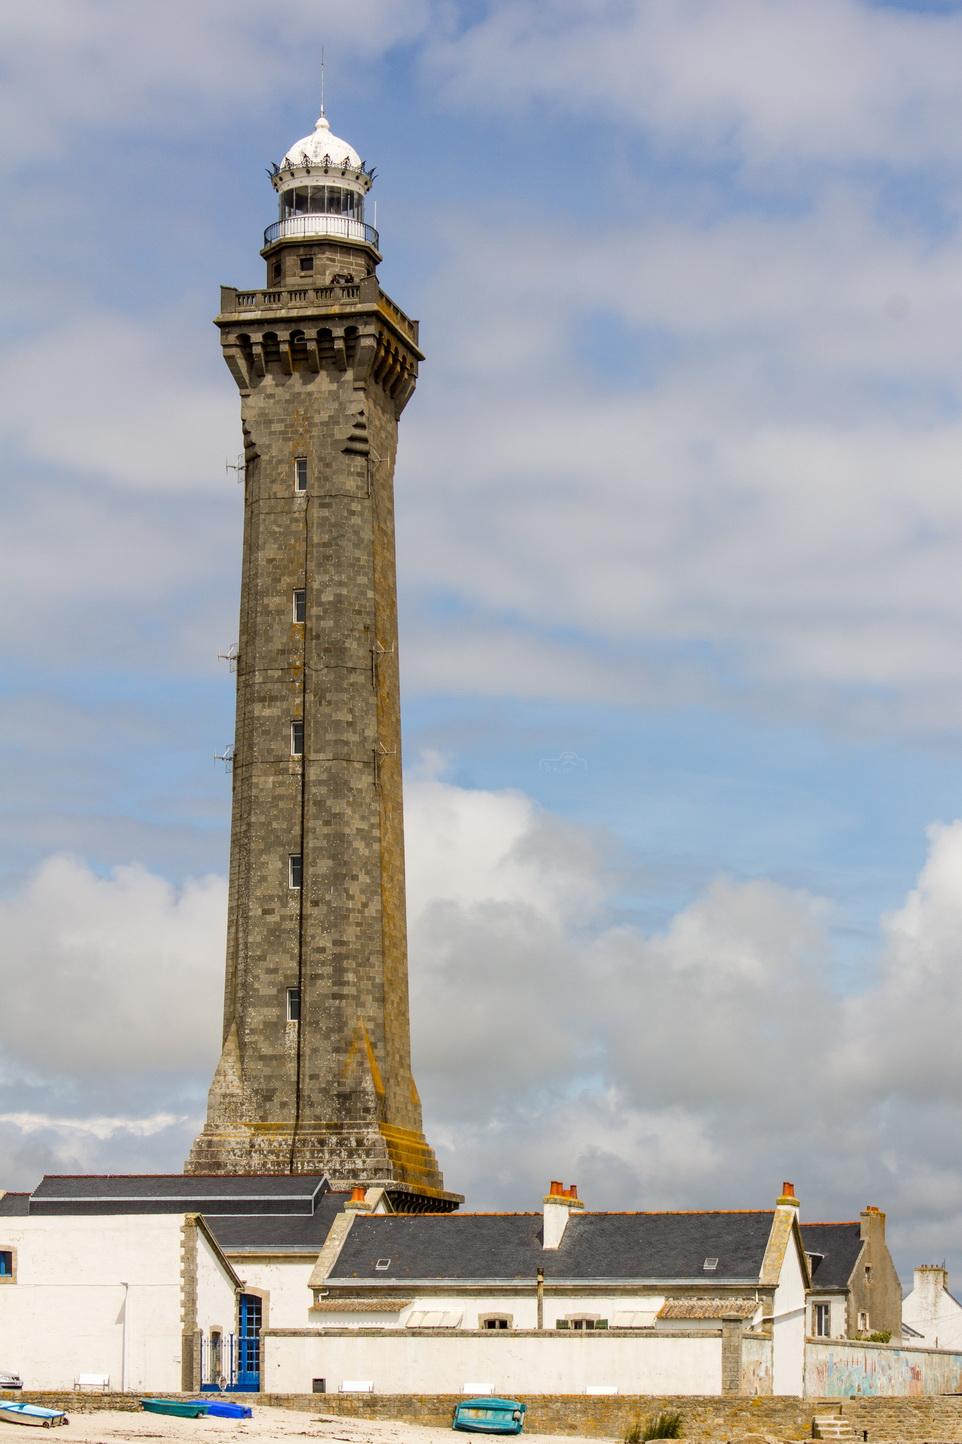 Phare d'Eckmul in Penmarch / Leuchtturm von Eckmühl in der Bretagne